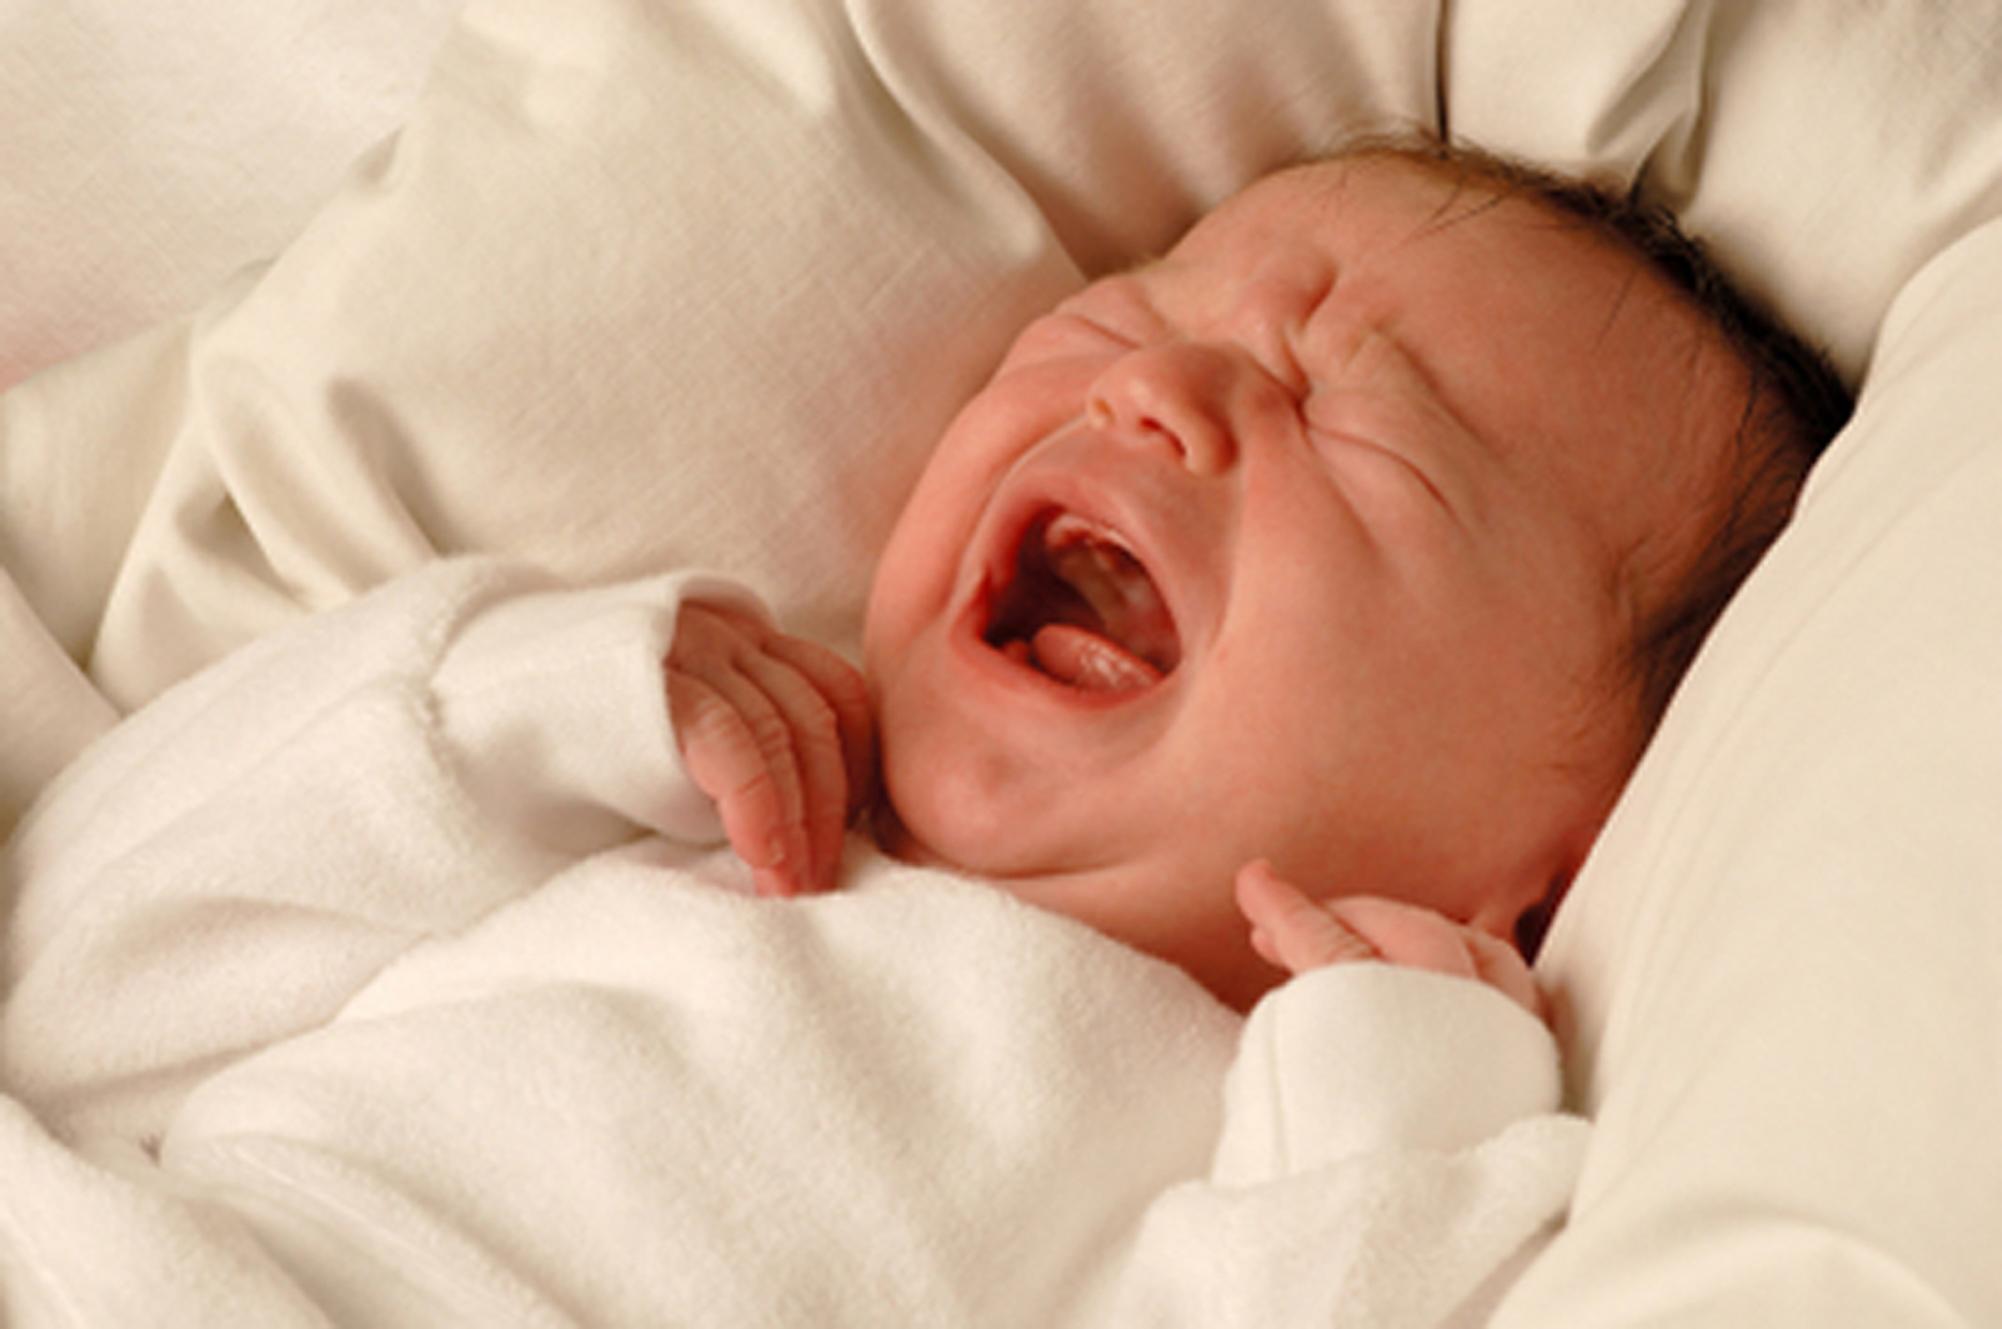 علت بروز کولیک در نوزادان + راههای پیشگیری از آن